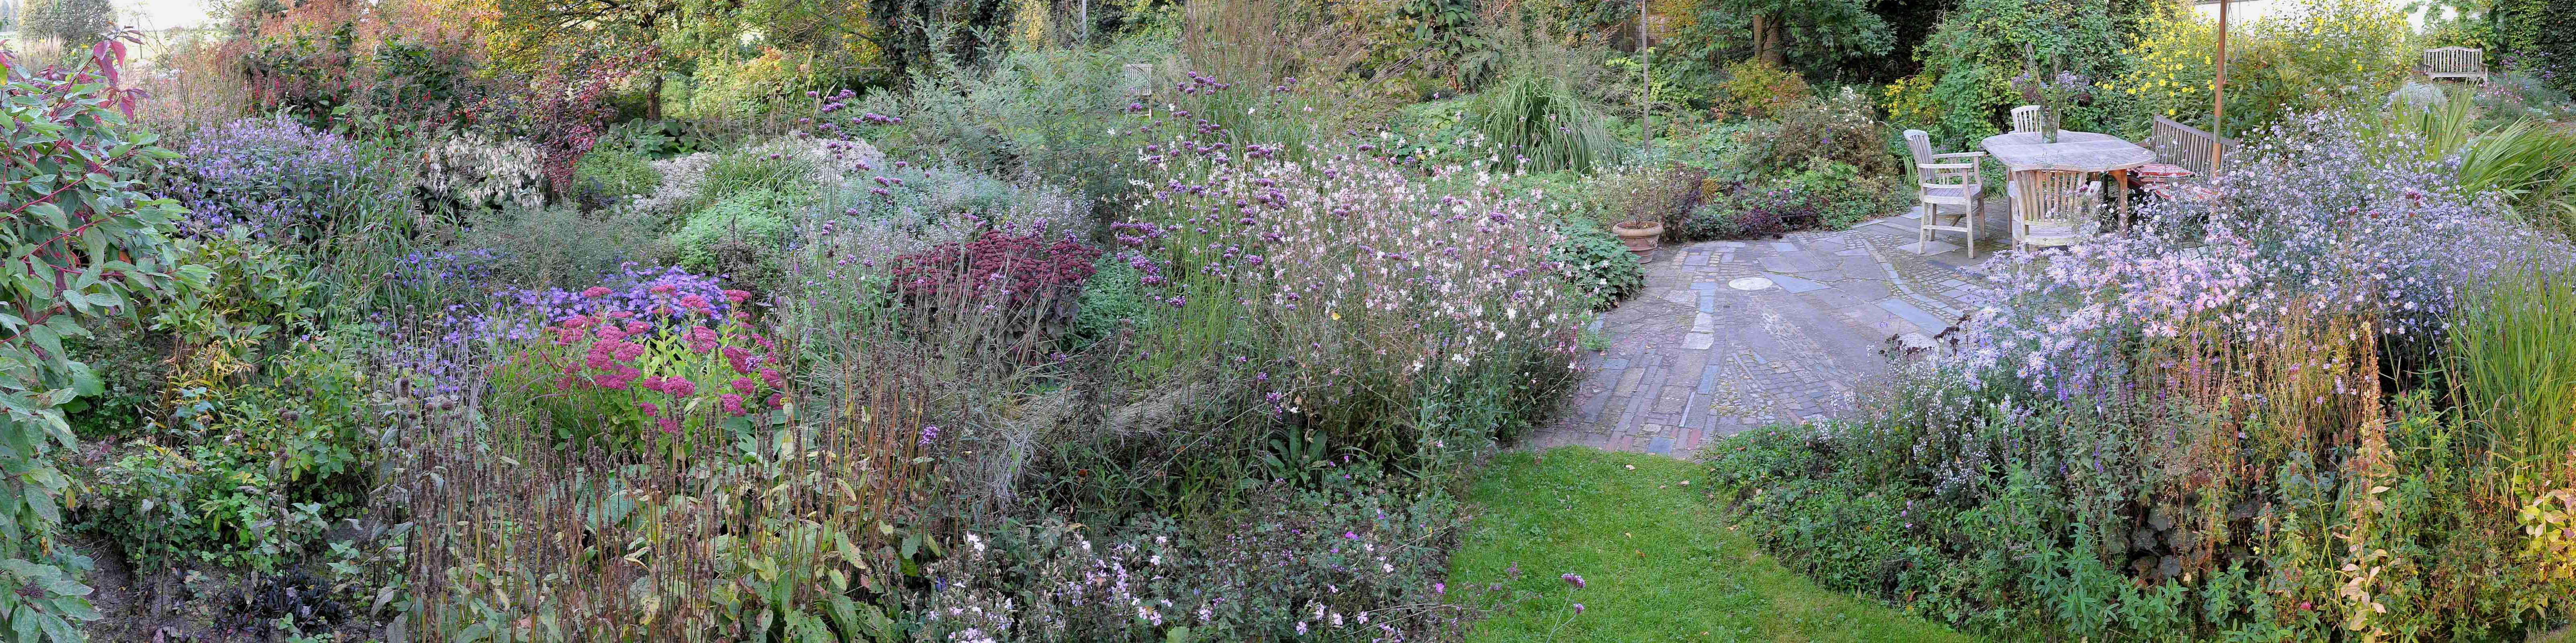 Garten garten gr ne der garten in den for Garten 4 jahreszeiten